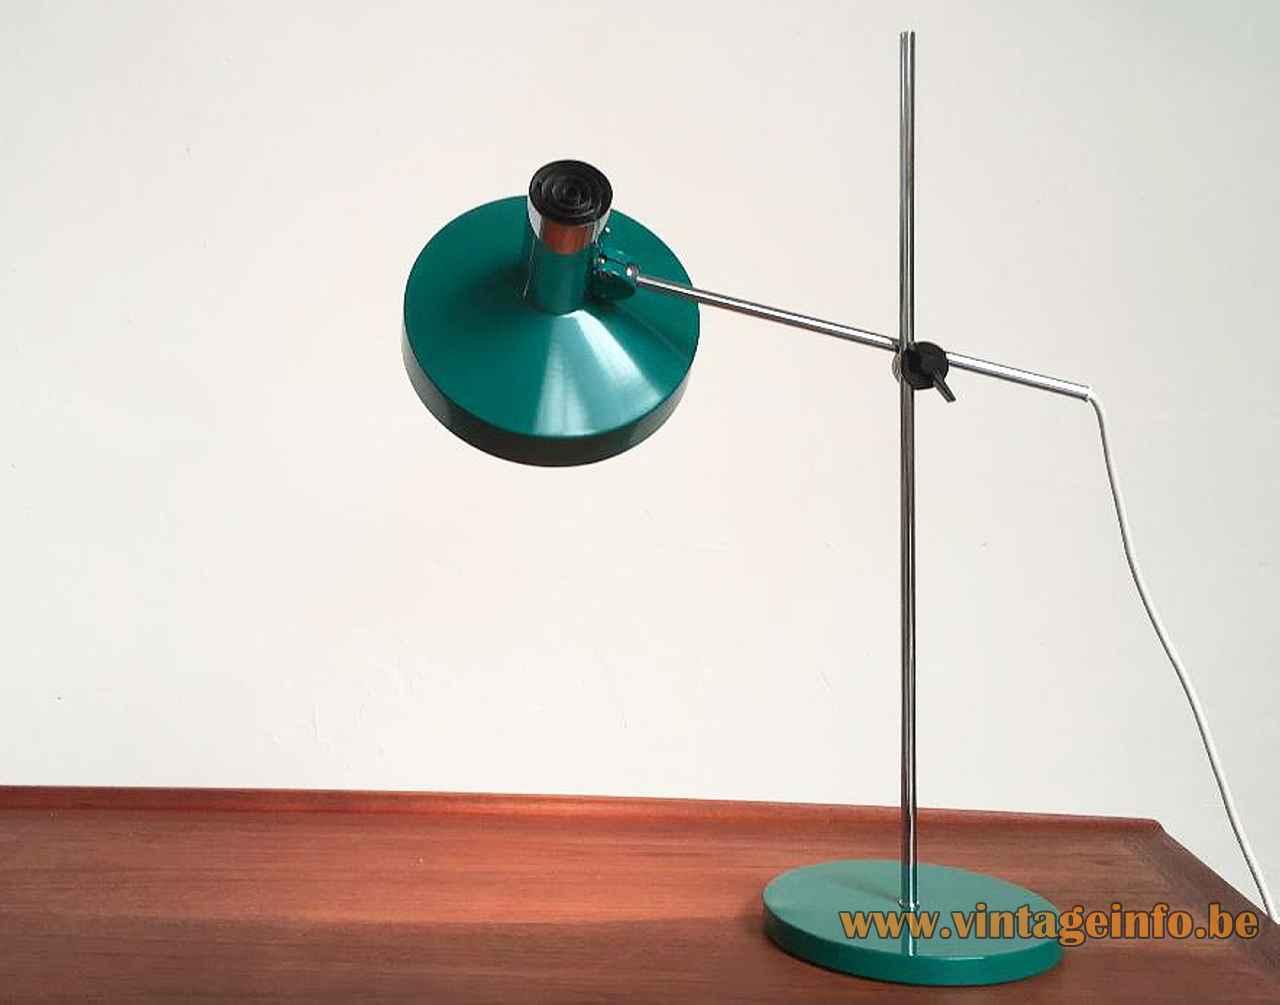 Kaiser Leuchten desk lamp 6857 round green base & adjustable lampshade chrome rods 1960s 1970s Germany